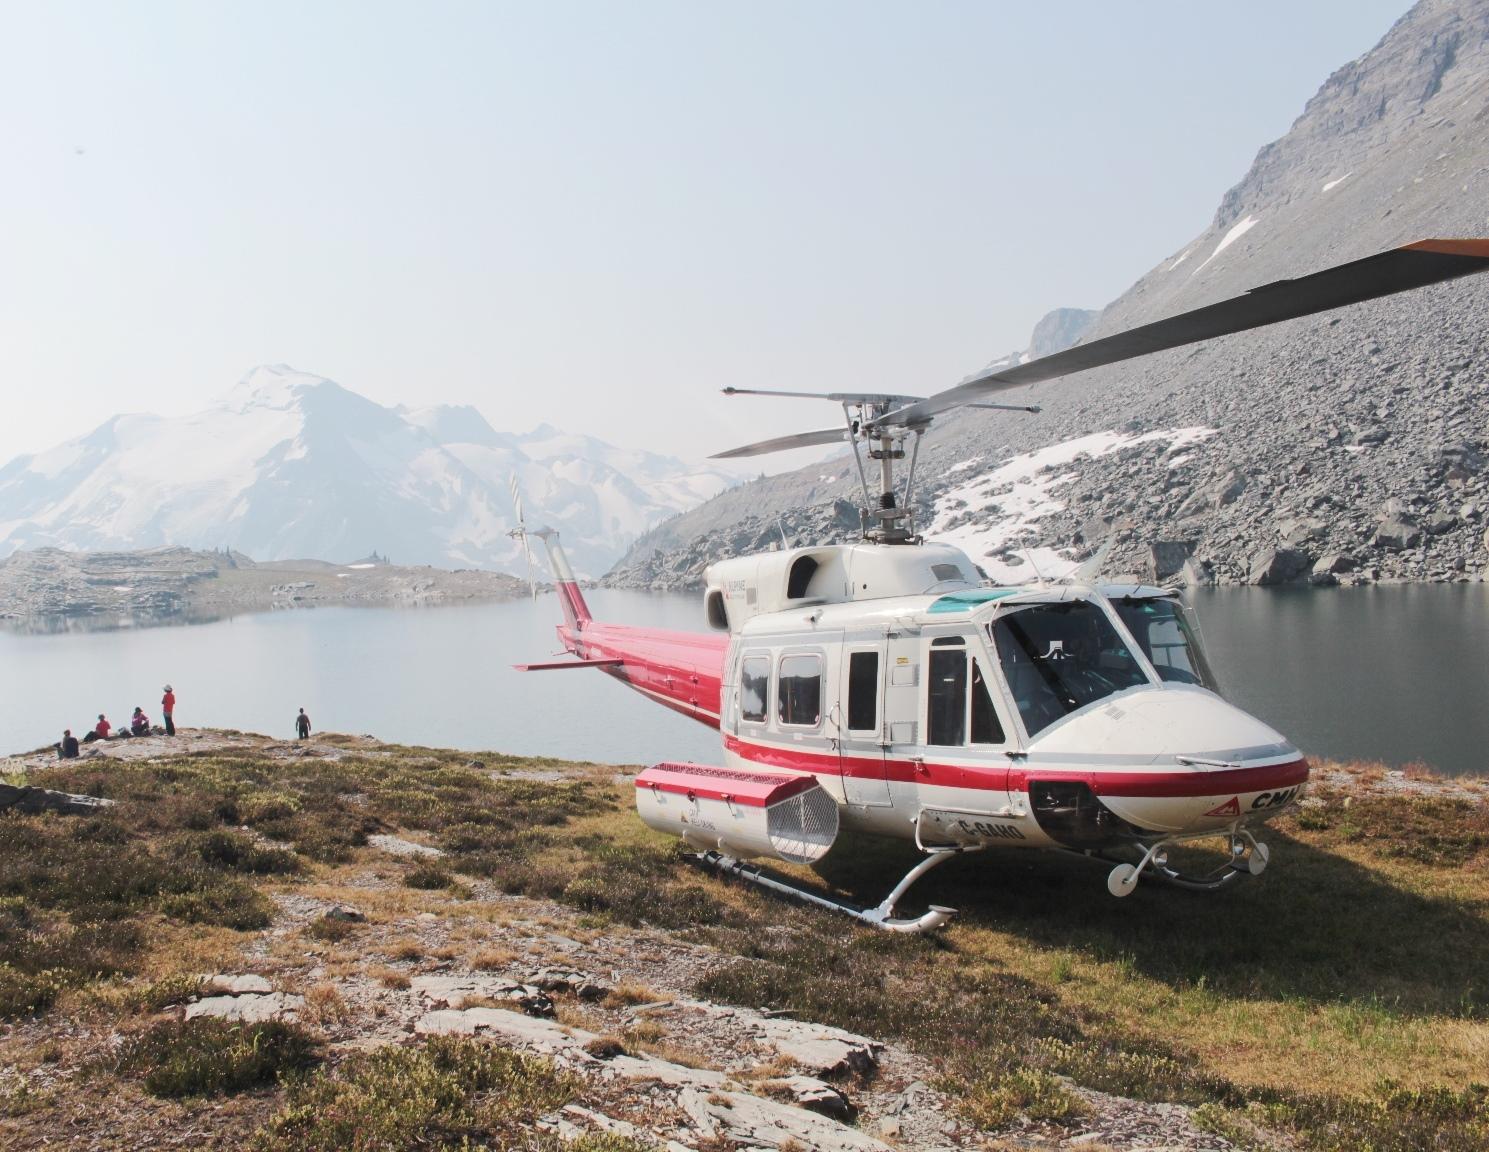 8月6日出発 「憧れのアシニボイン・ロッジ&CMHヘリ・ハイキング 11日間」